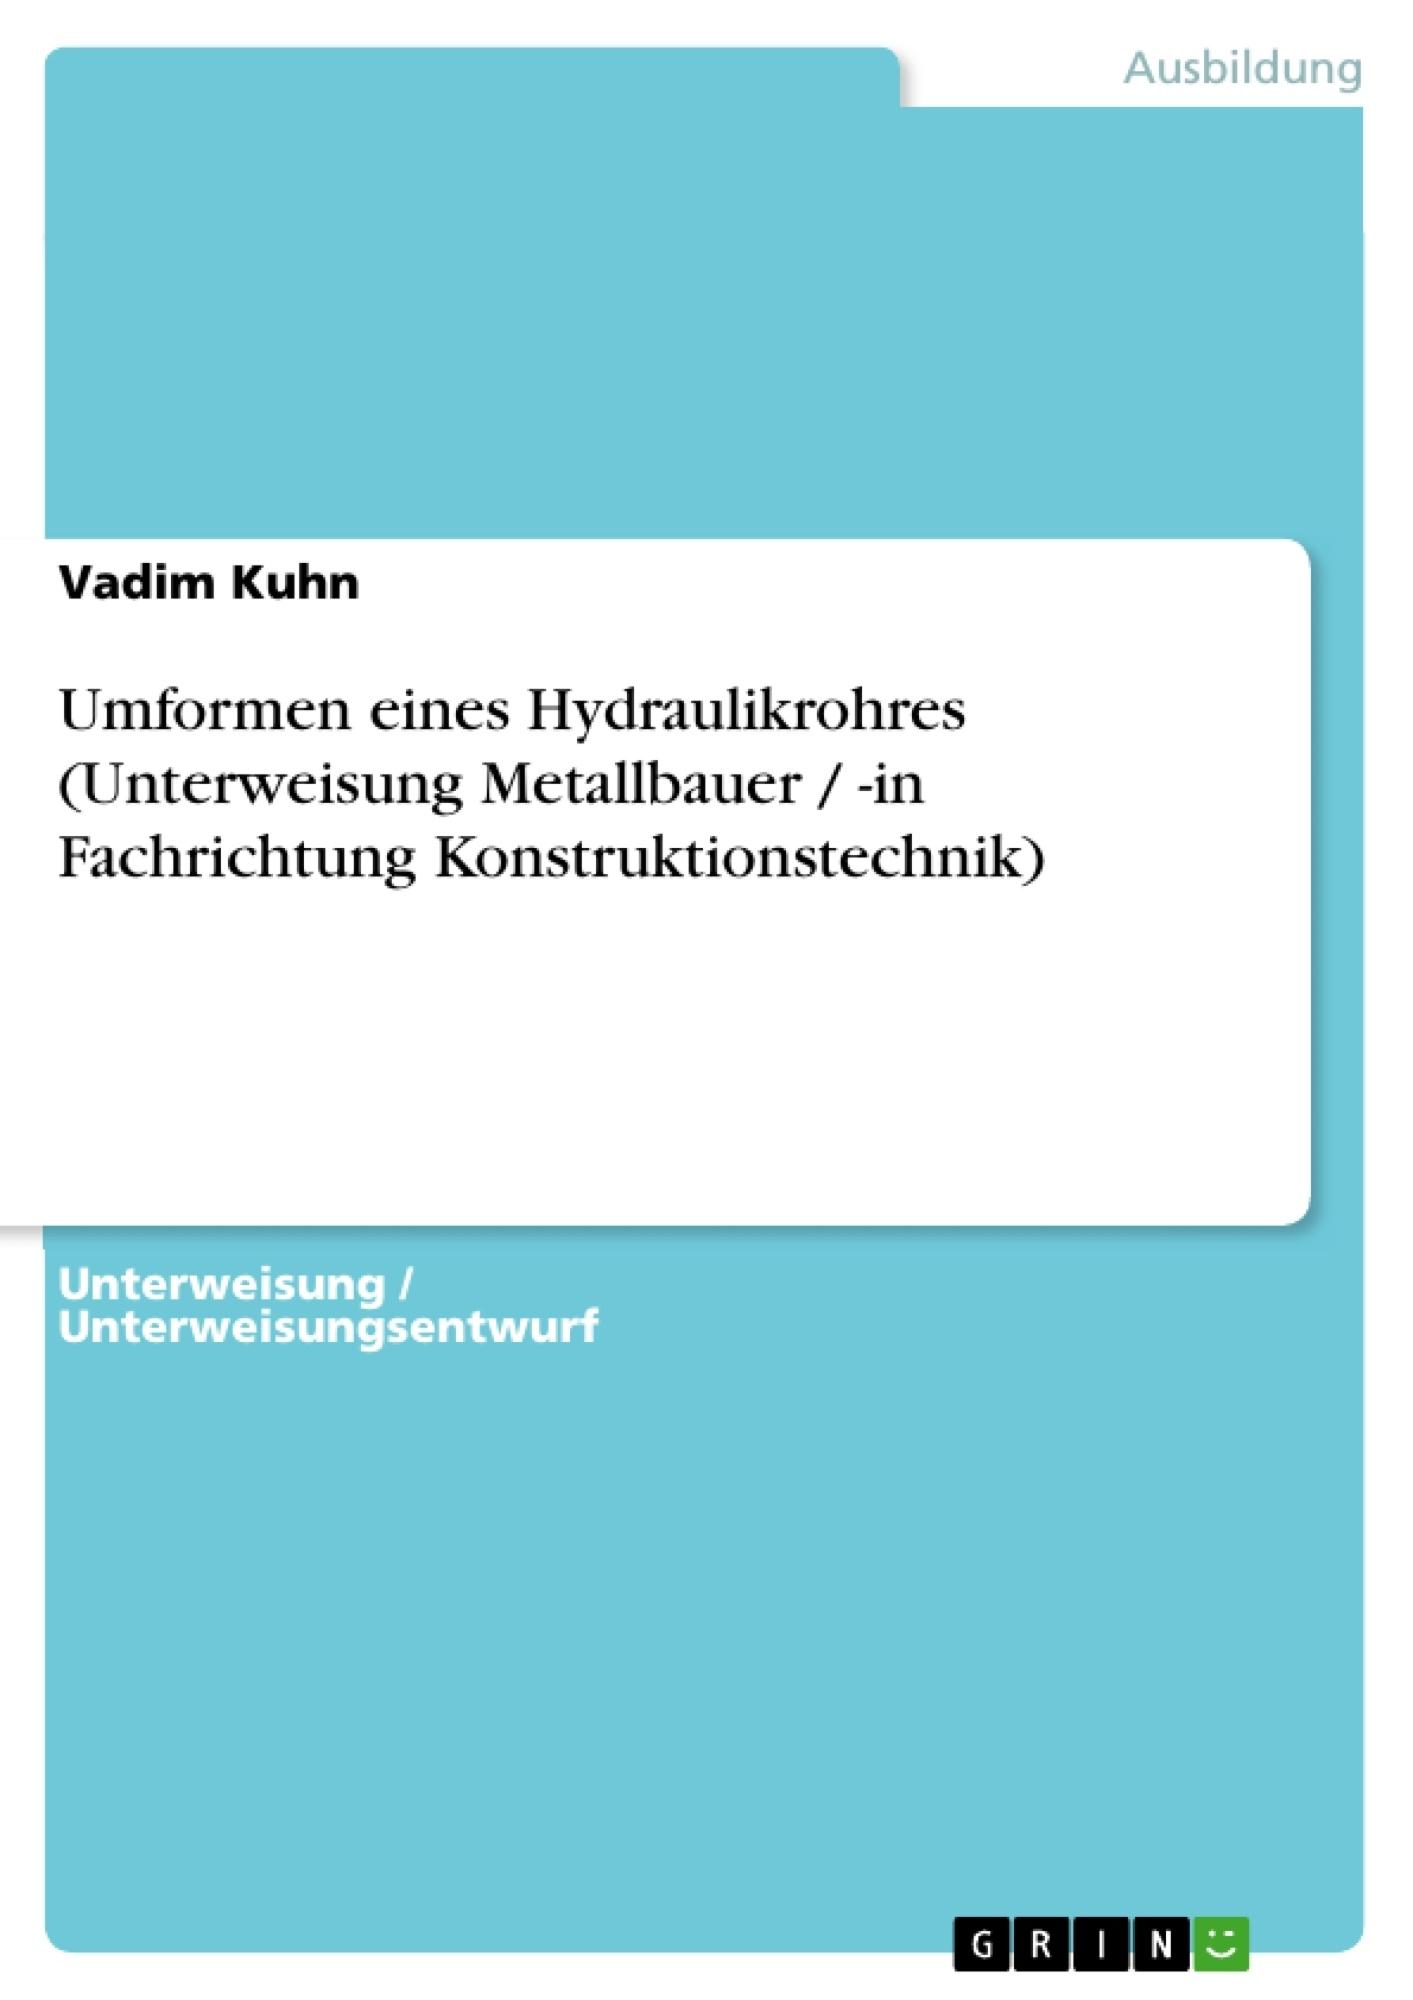 Titel: Umformen eines Hydraulikrohres (Unterweisung Metallbauer / -in Fachrichtung Konstruktionstechnik)